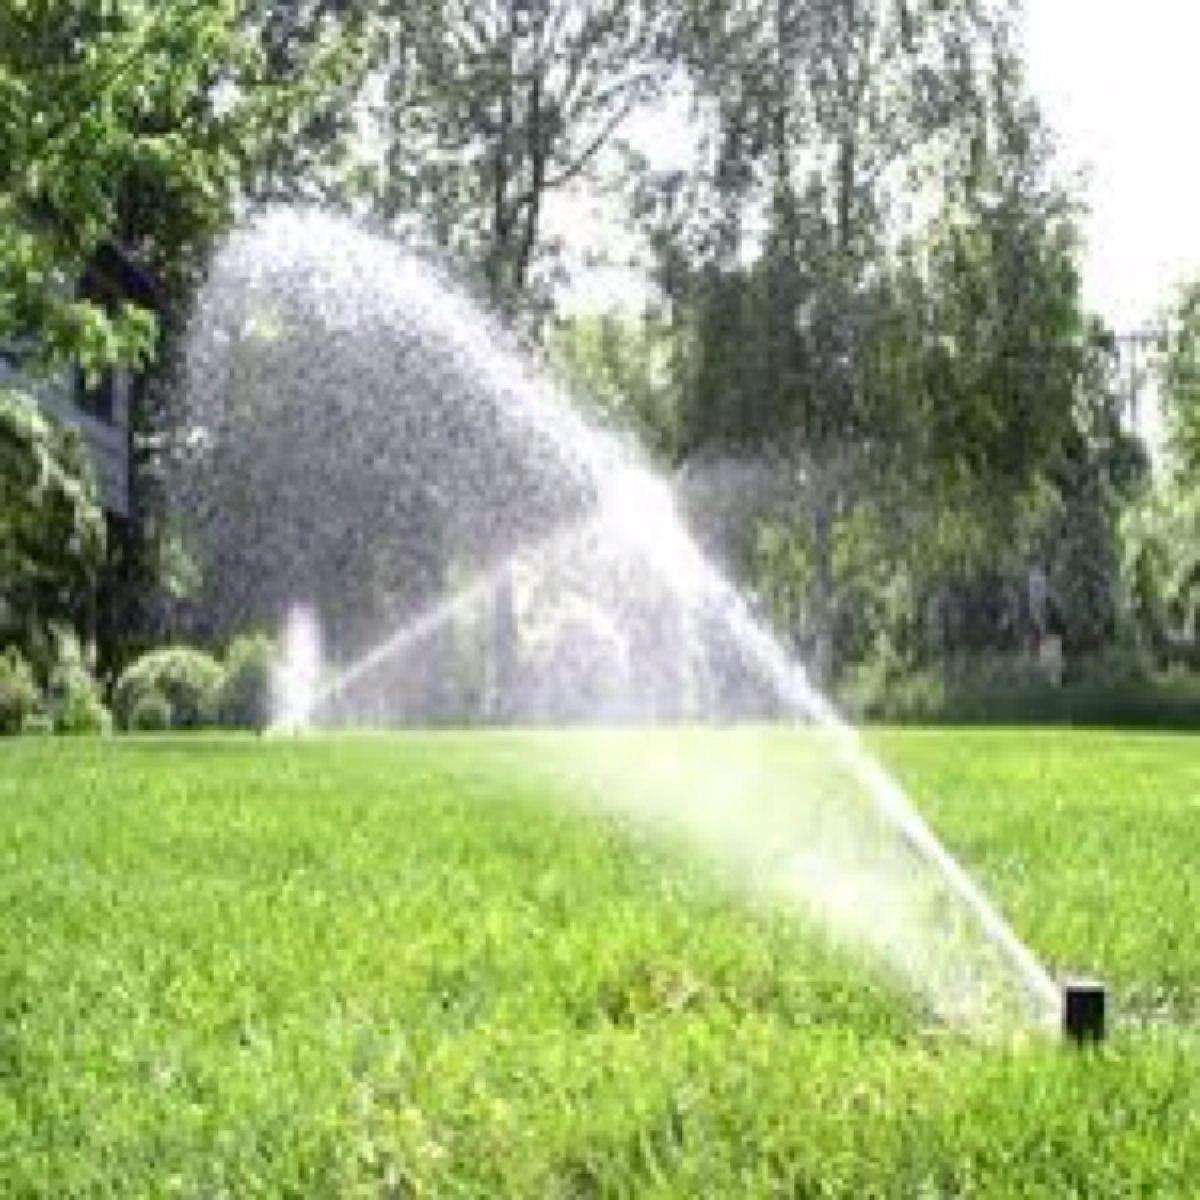 Sistema de riego de aspersion cotizacion en for Sistema de riego por aspersion para jardin